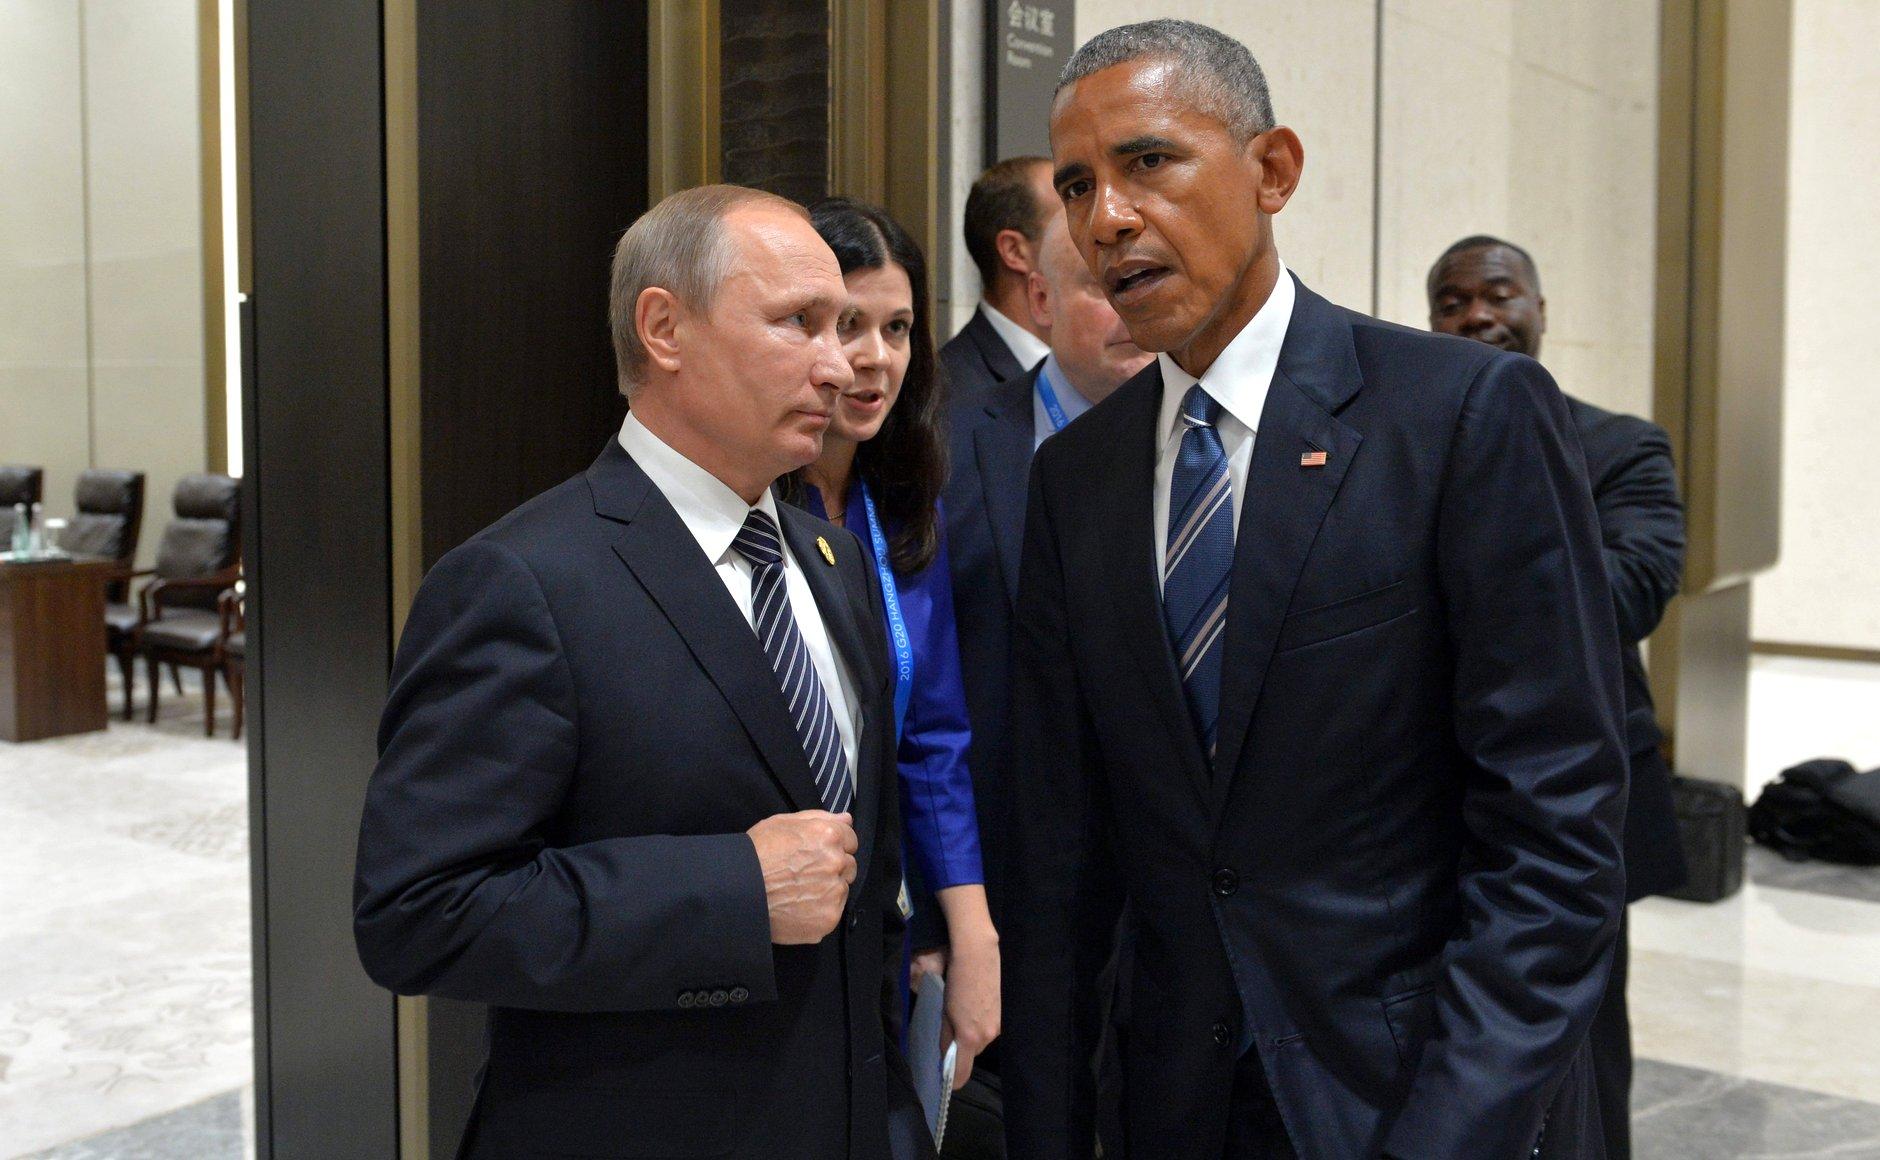 DÅRLIG STEMNING: Forholdet mellom Vladimir Putin og Barack Obama er iskaldt. Den russiske innblandingen i USAs presidentvalg har ytterligere forverret forholdet mellom de to landene. Foto: KREMLIN.RU